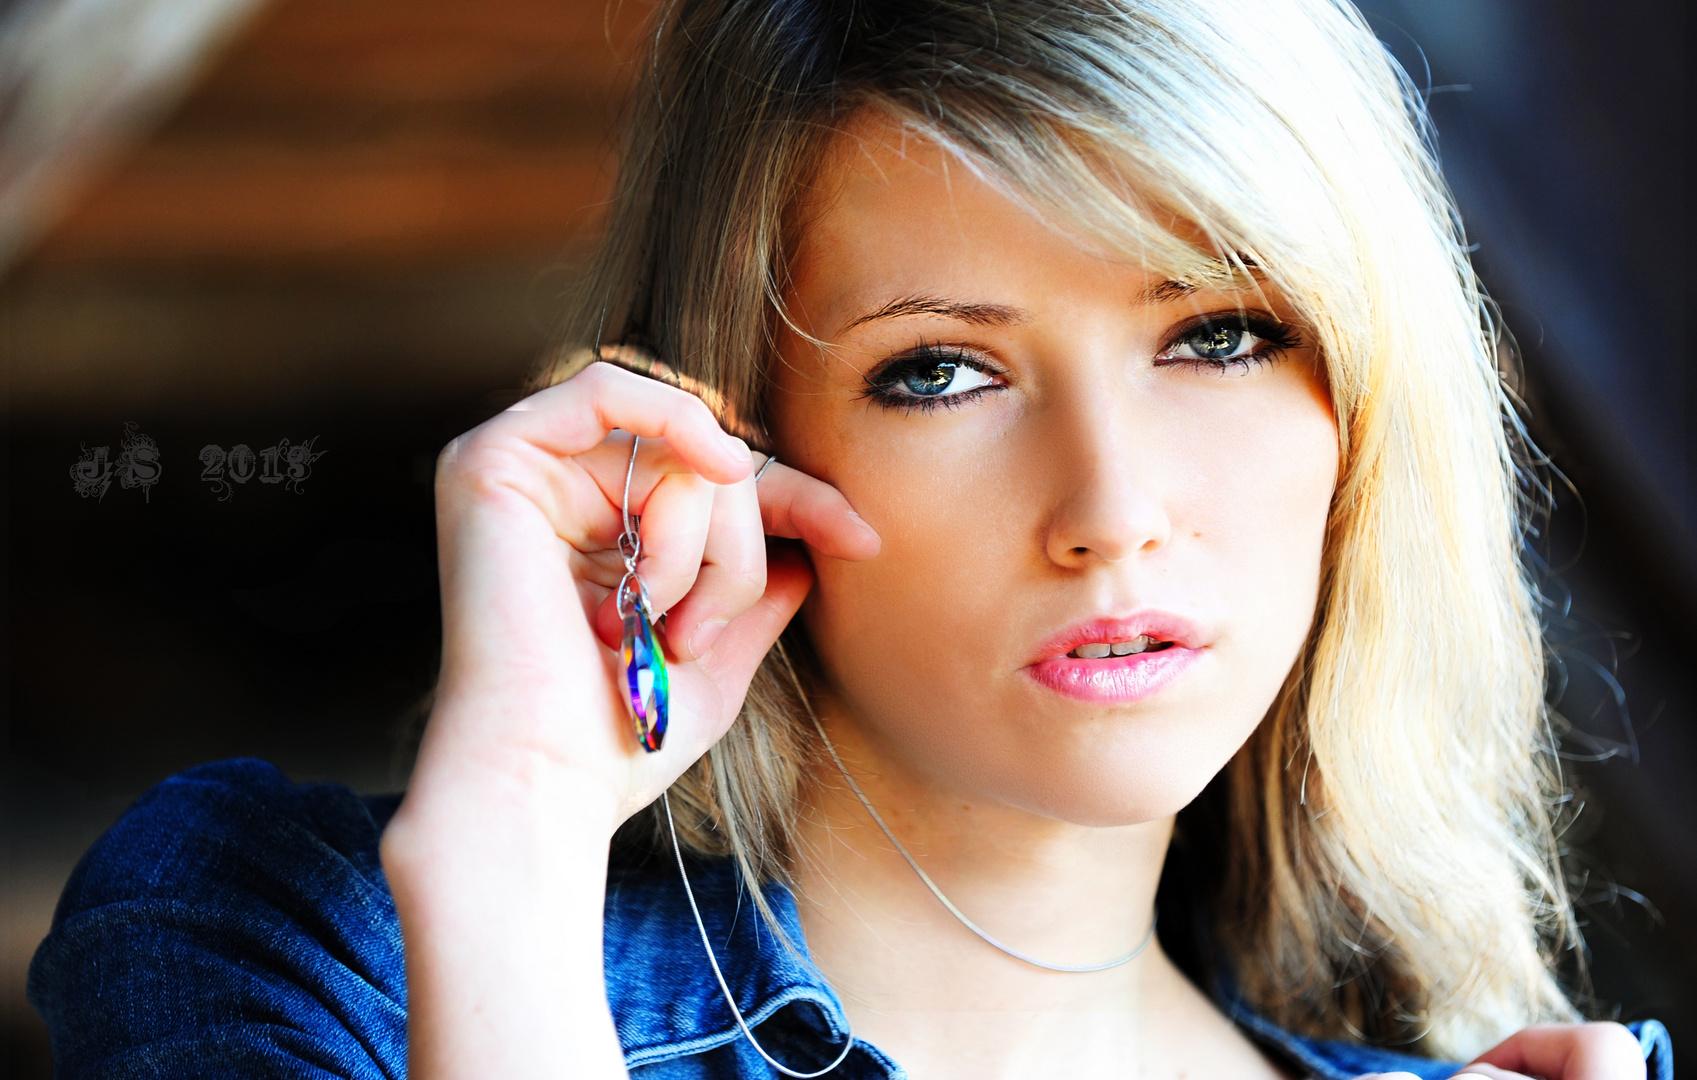 Lory*